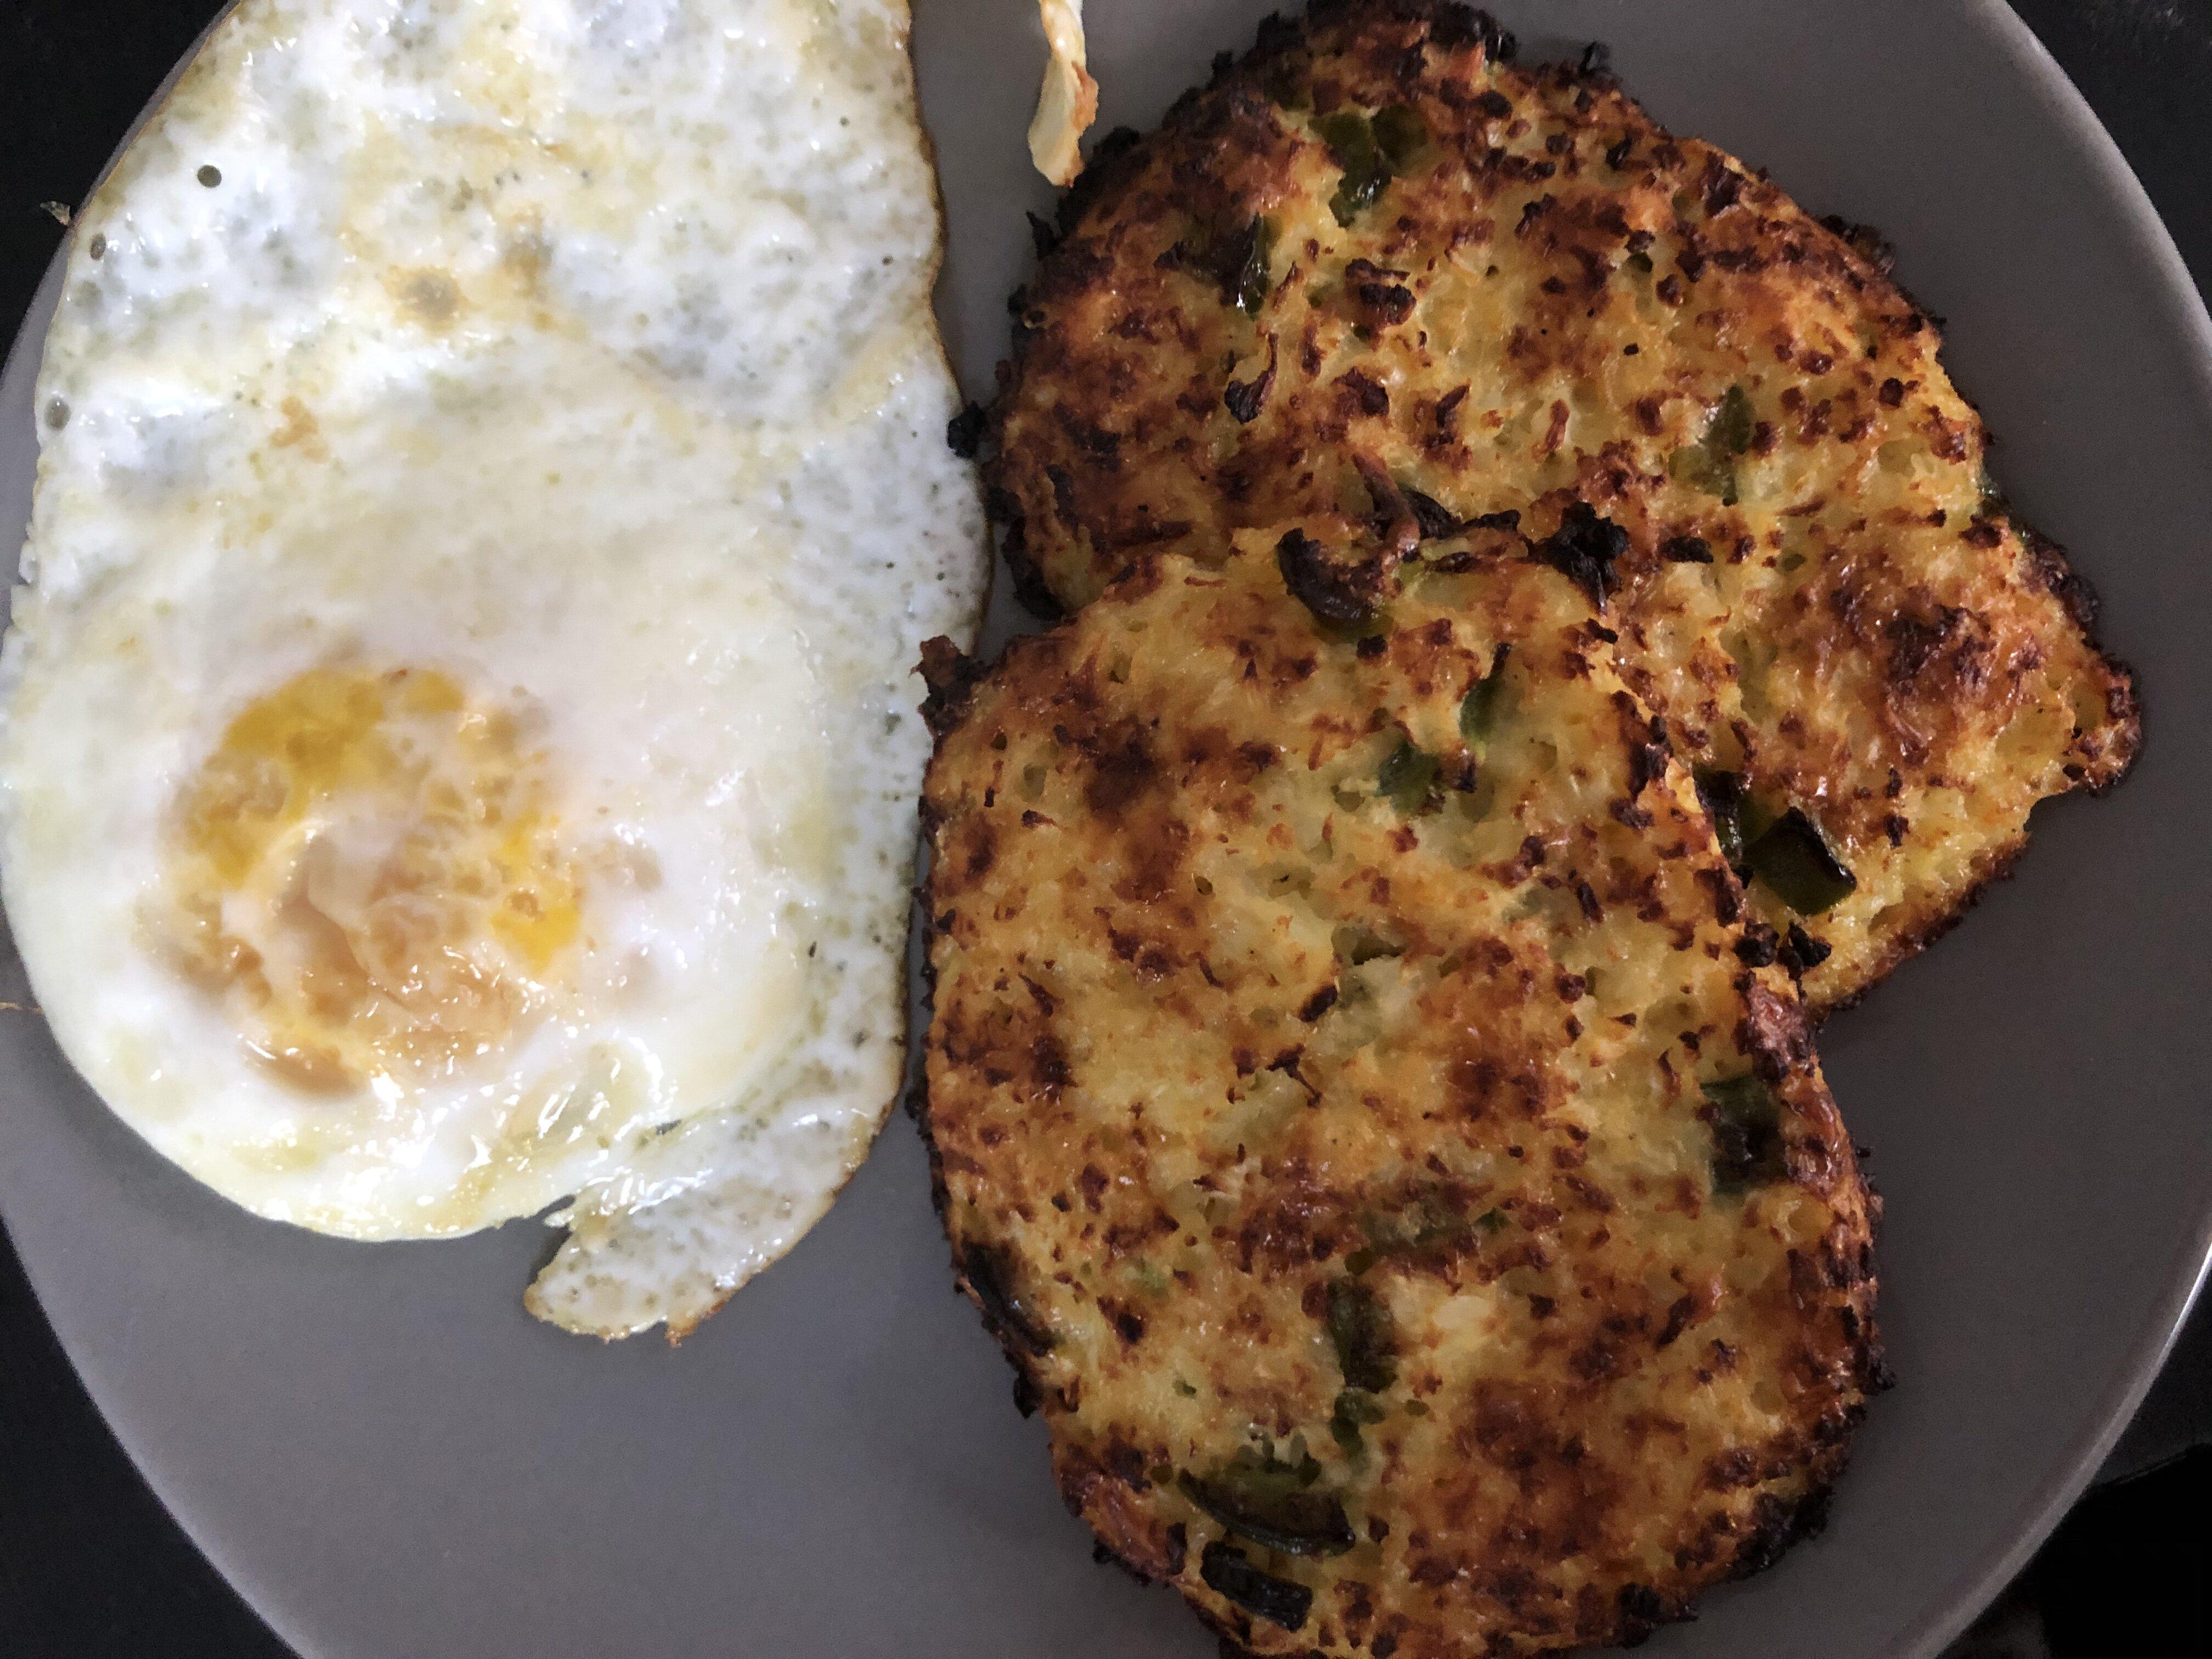 keto cauliflower hash browns recipe